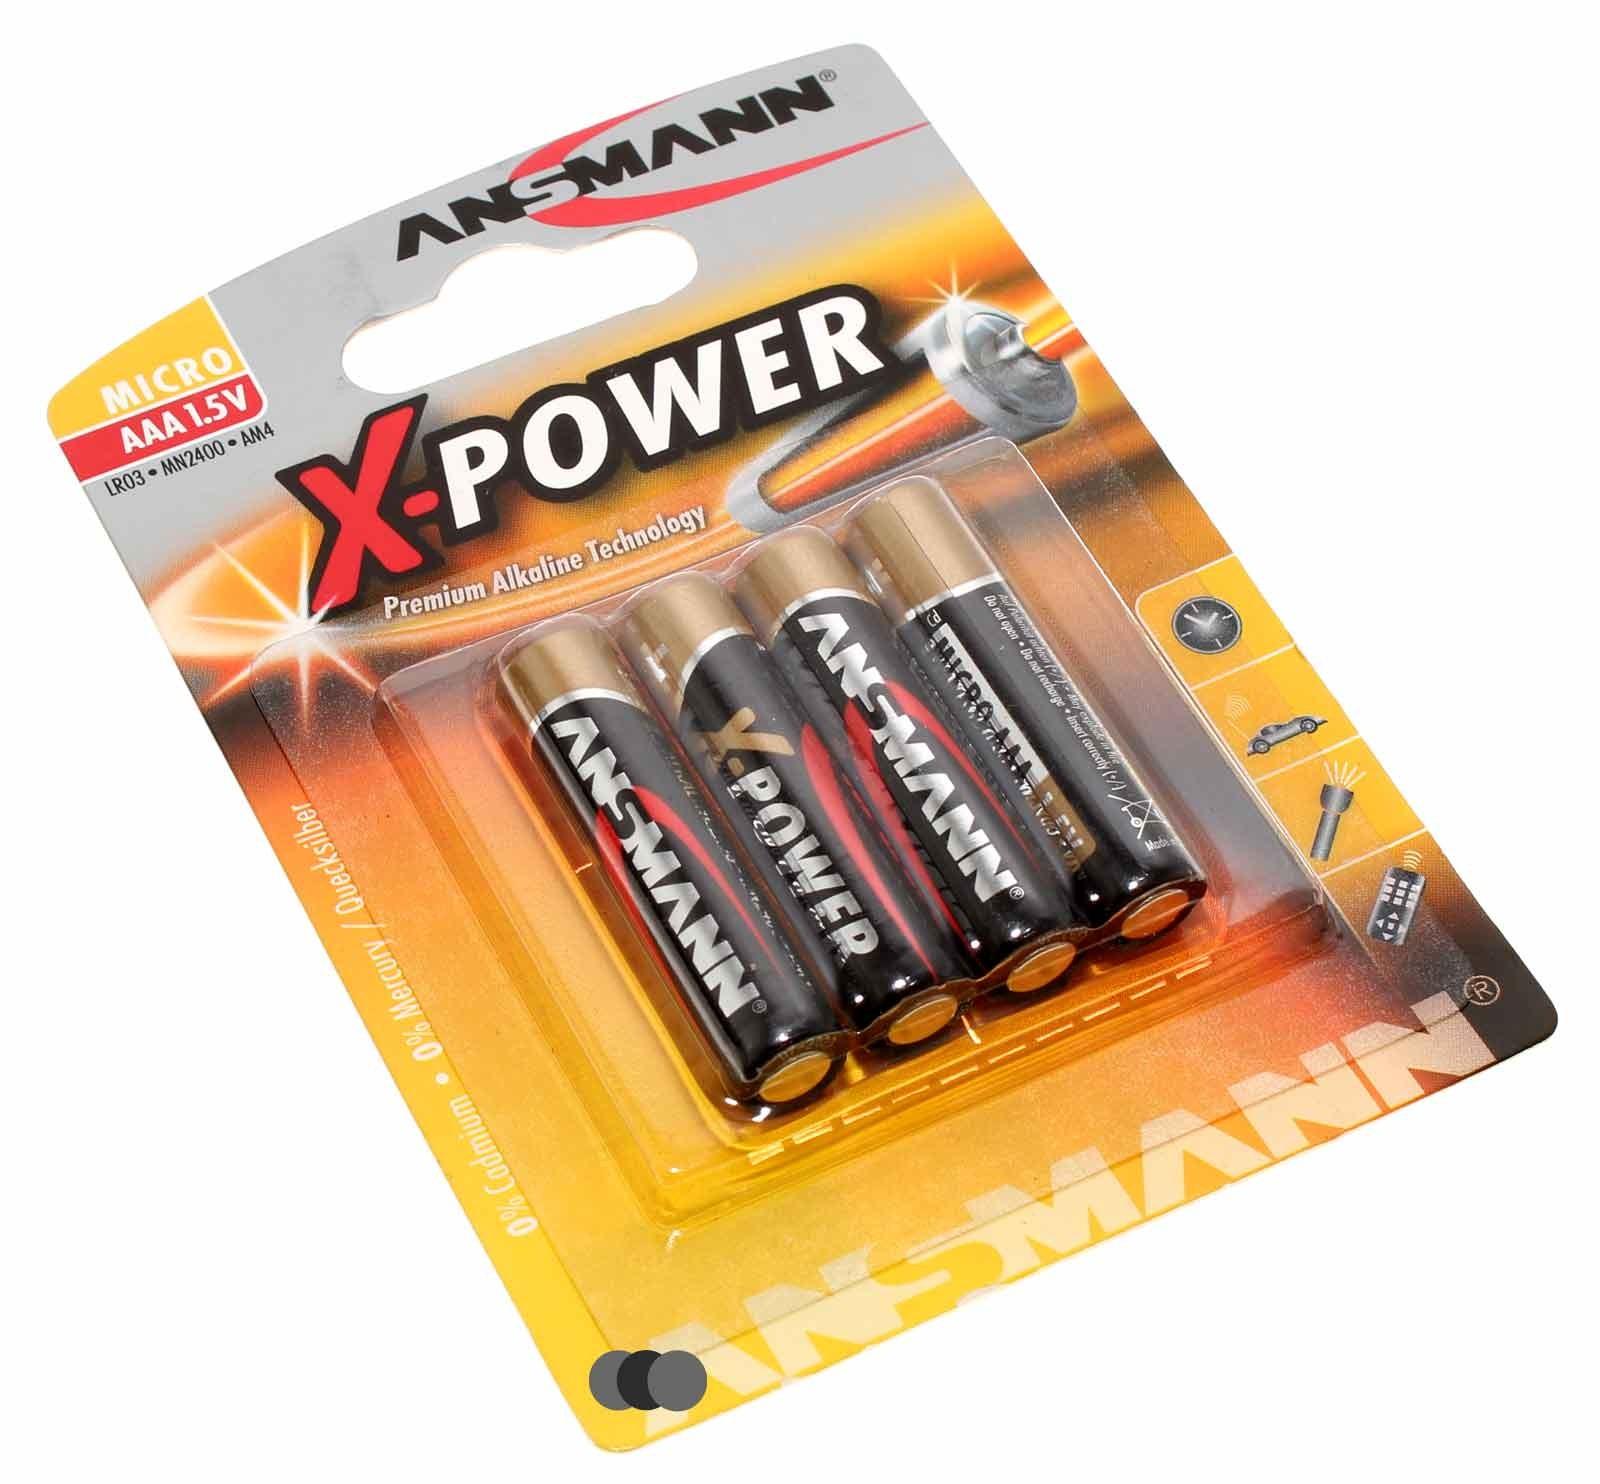 4er Pack Ansmann X-Power Alkaline Batterie Micro AAA (LR03) mit 1,5 Volt und 1300mAh Kapazität, Artikelnummer 5015653